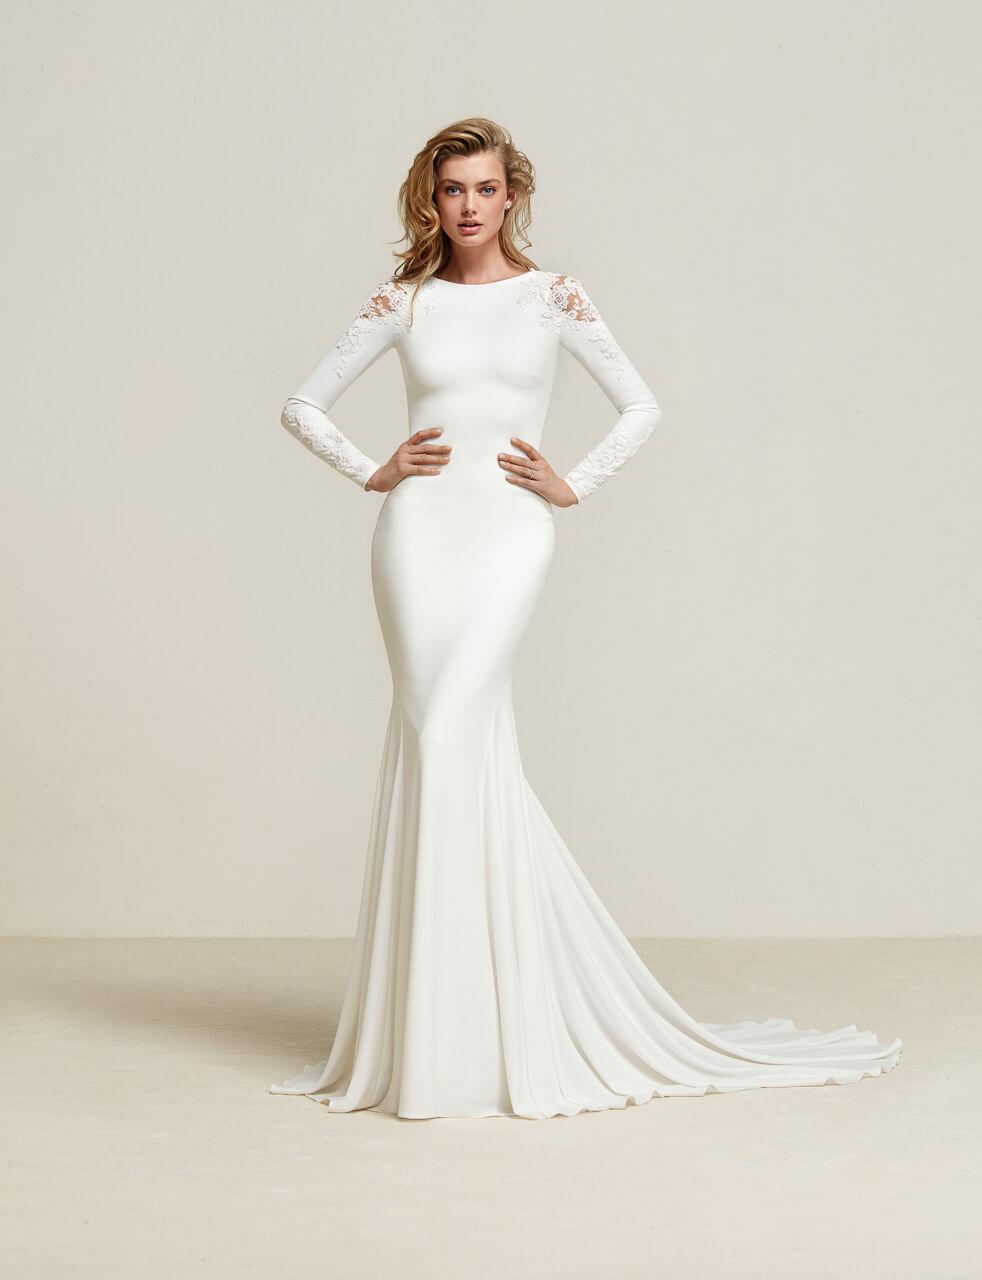 Meerjungfrau Brautkleider - AVINIA